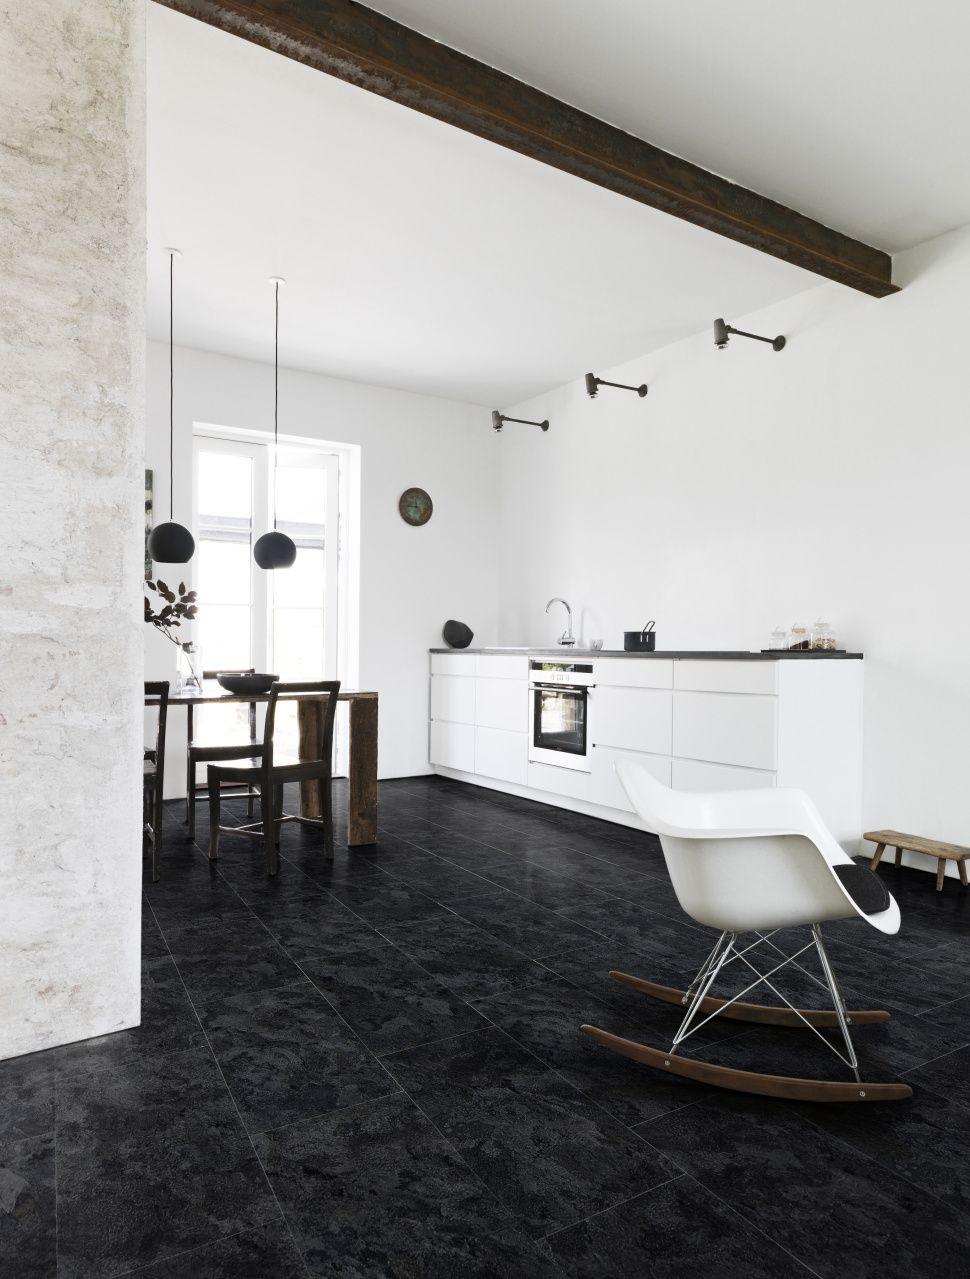 foto de Pvc vloer tegels donker grijs / zwart Geschikt voor alle ruimten zoals de badkamer woonkamer